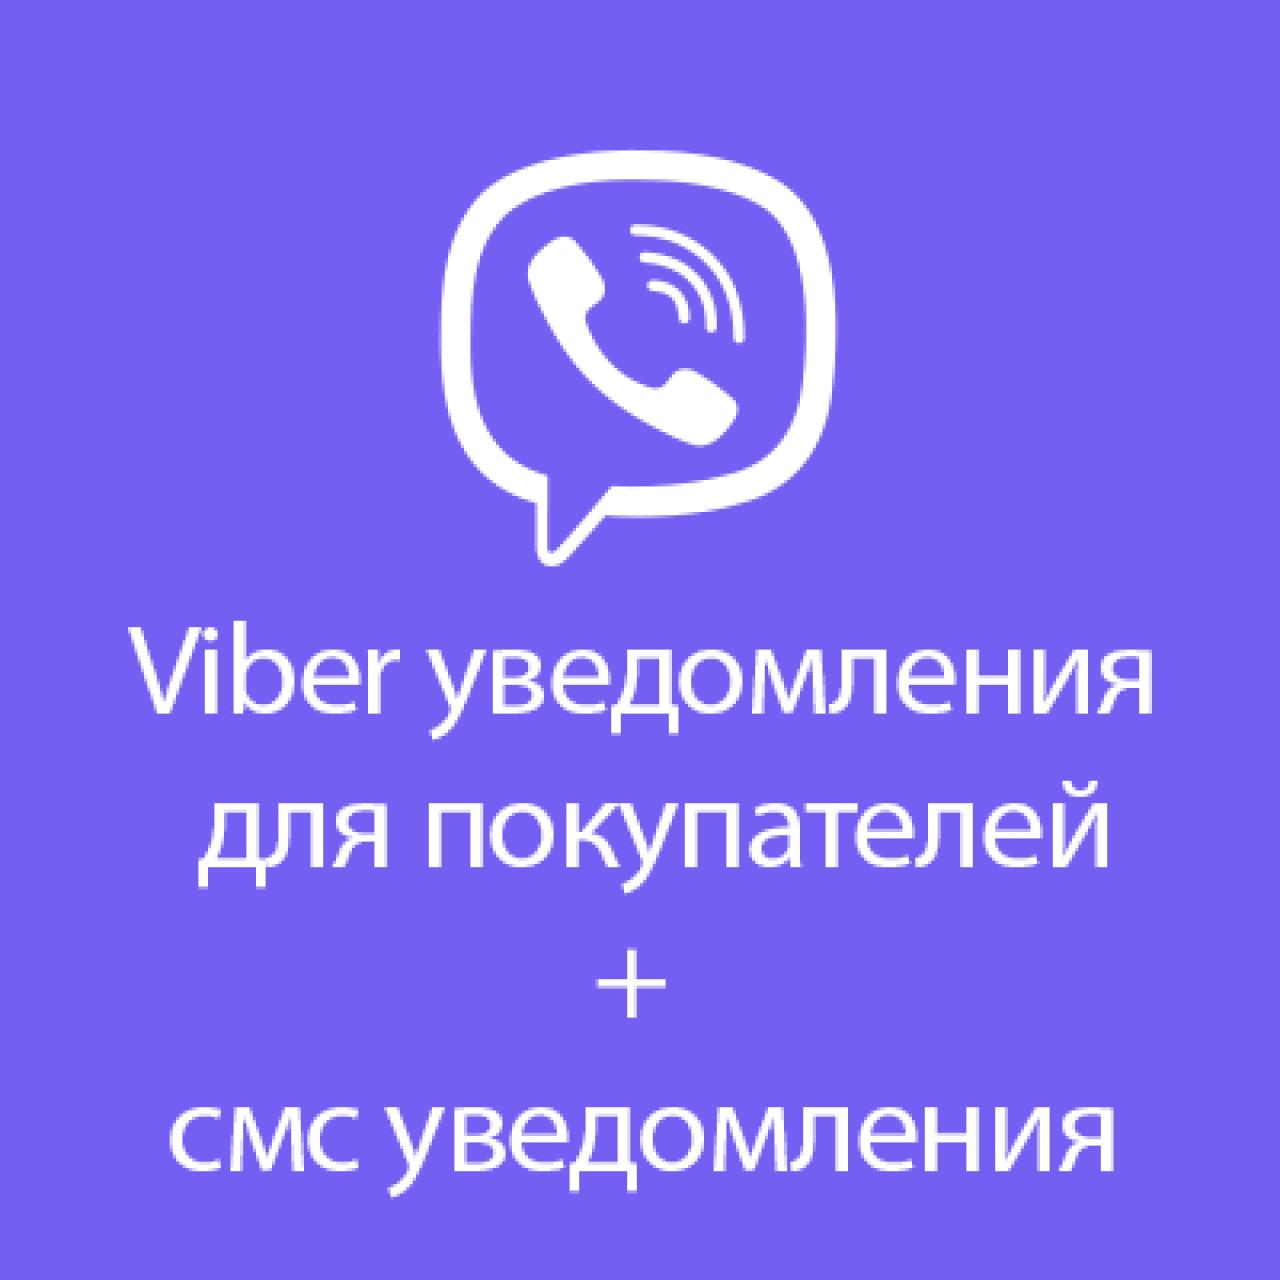 Viber уведомления для покупателей + смс уведомления 1.1.1 из категории Письма, почта, sms для CMS OpenCart (ОпенКарт)